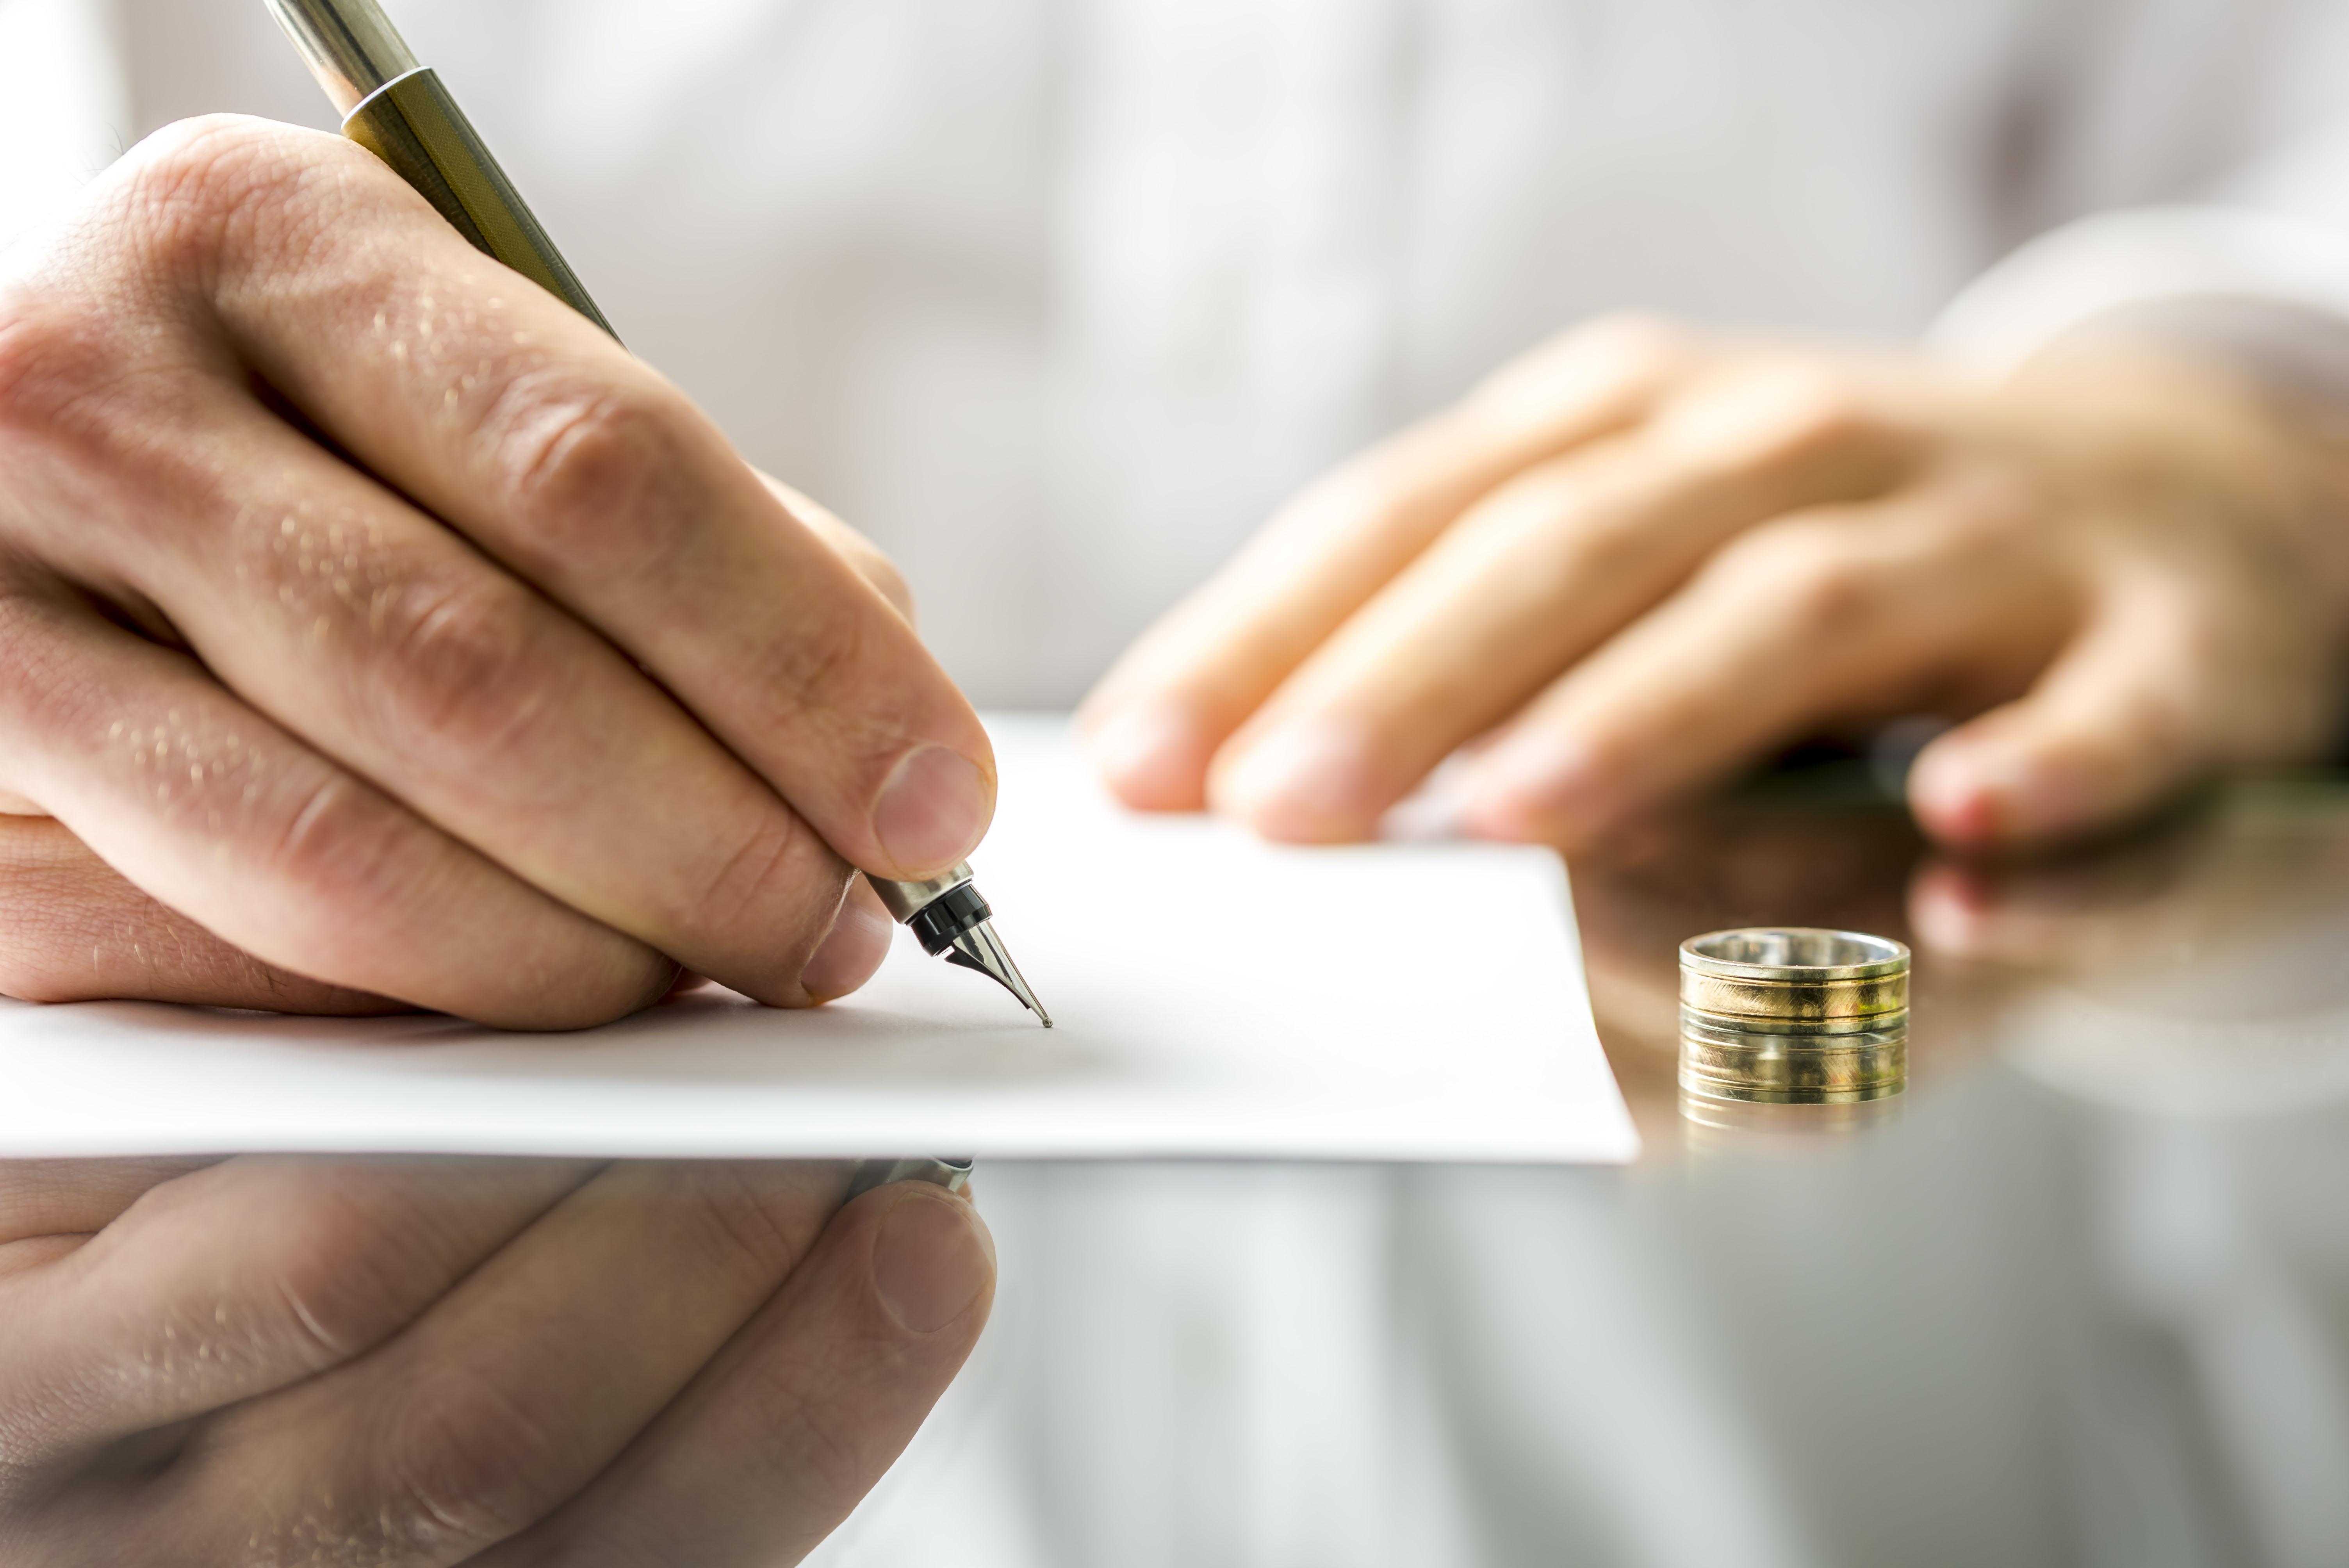 Matrimonio Catolico Separacion : Cuál es la posición de la iglesia en cuanto al divorcio